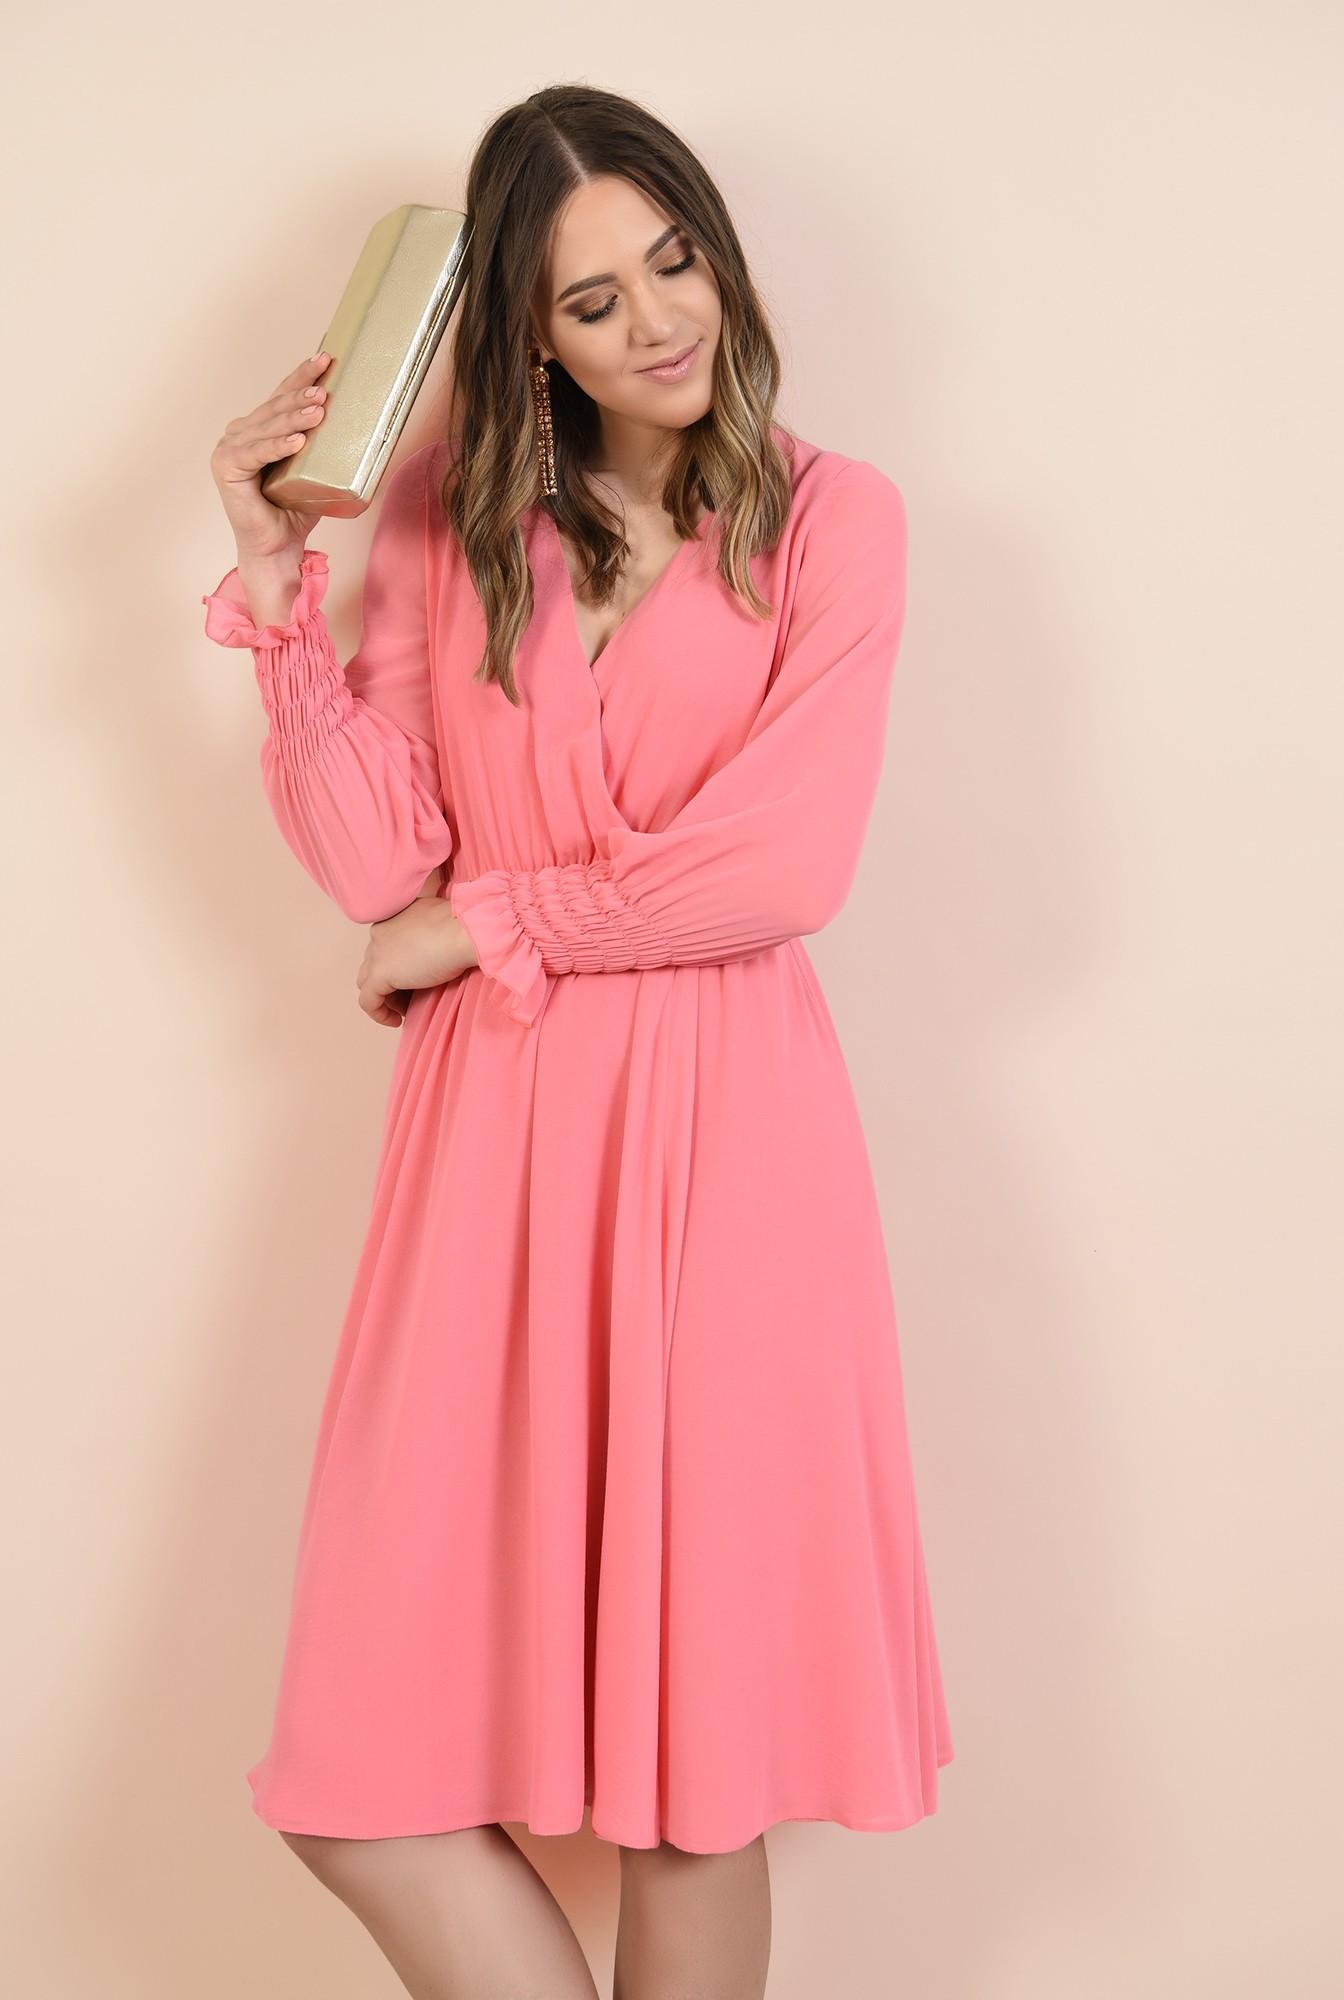 0 - 360 - rochie roz, midi, evazata, maneci lungi cu mansete elastice, Poema